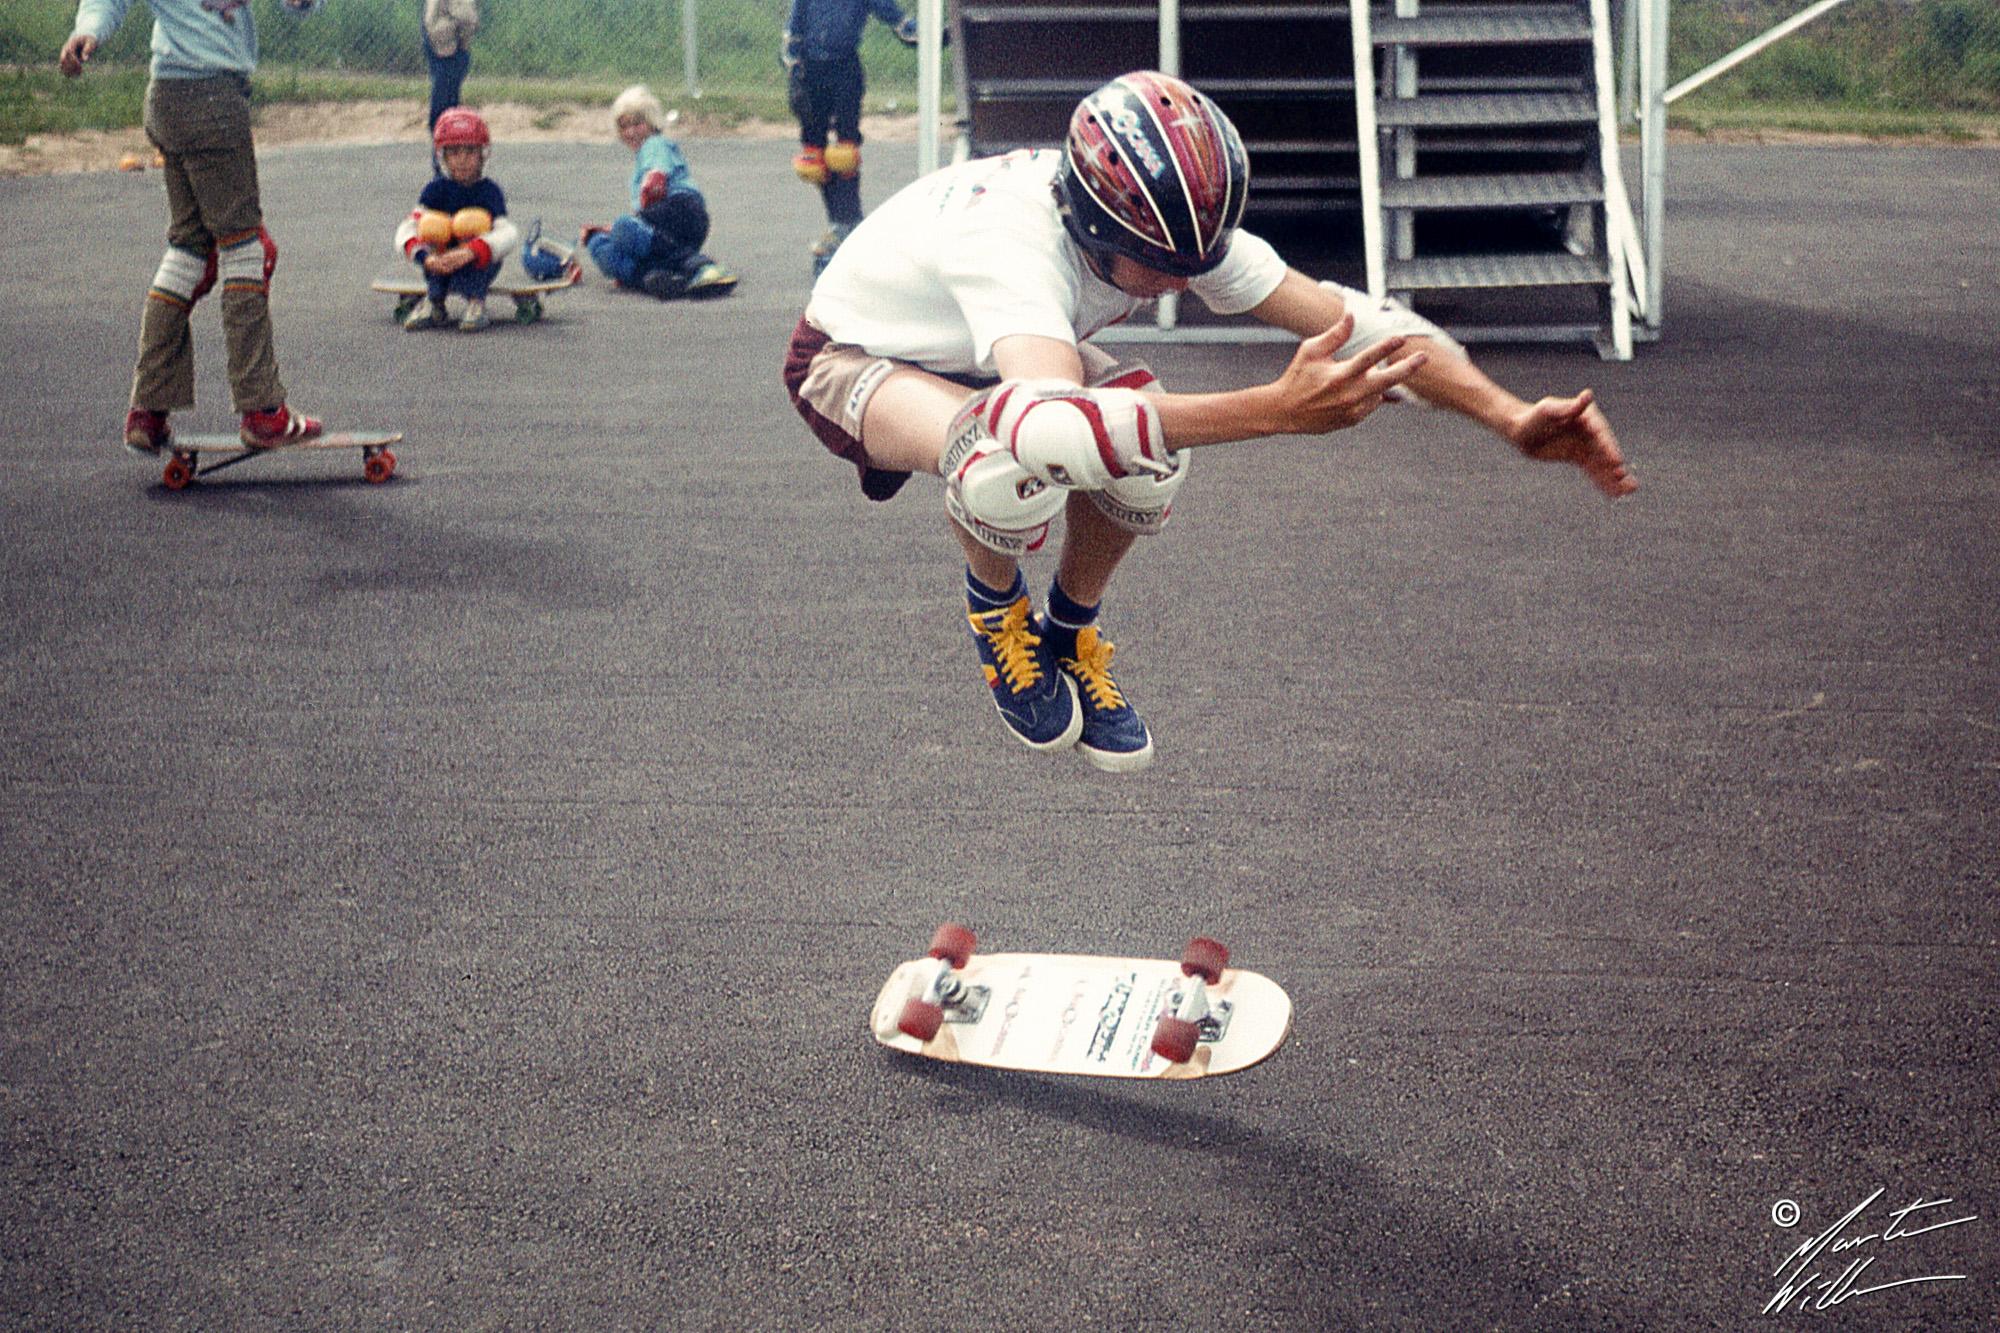 Per Welinder, Dubbel kickflip,  Eurocana Summer Camp 1979